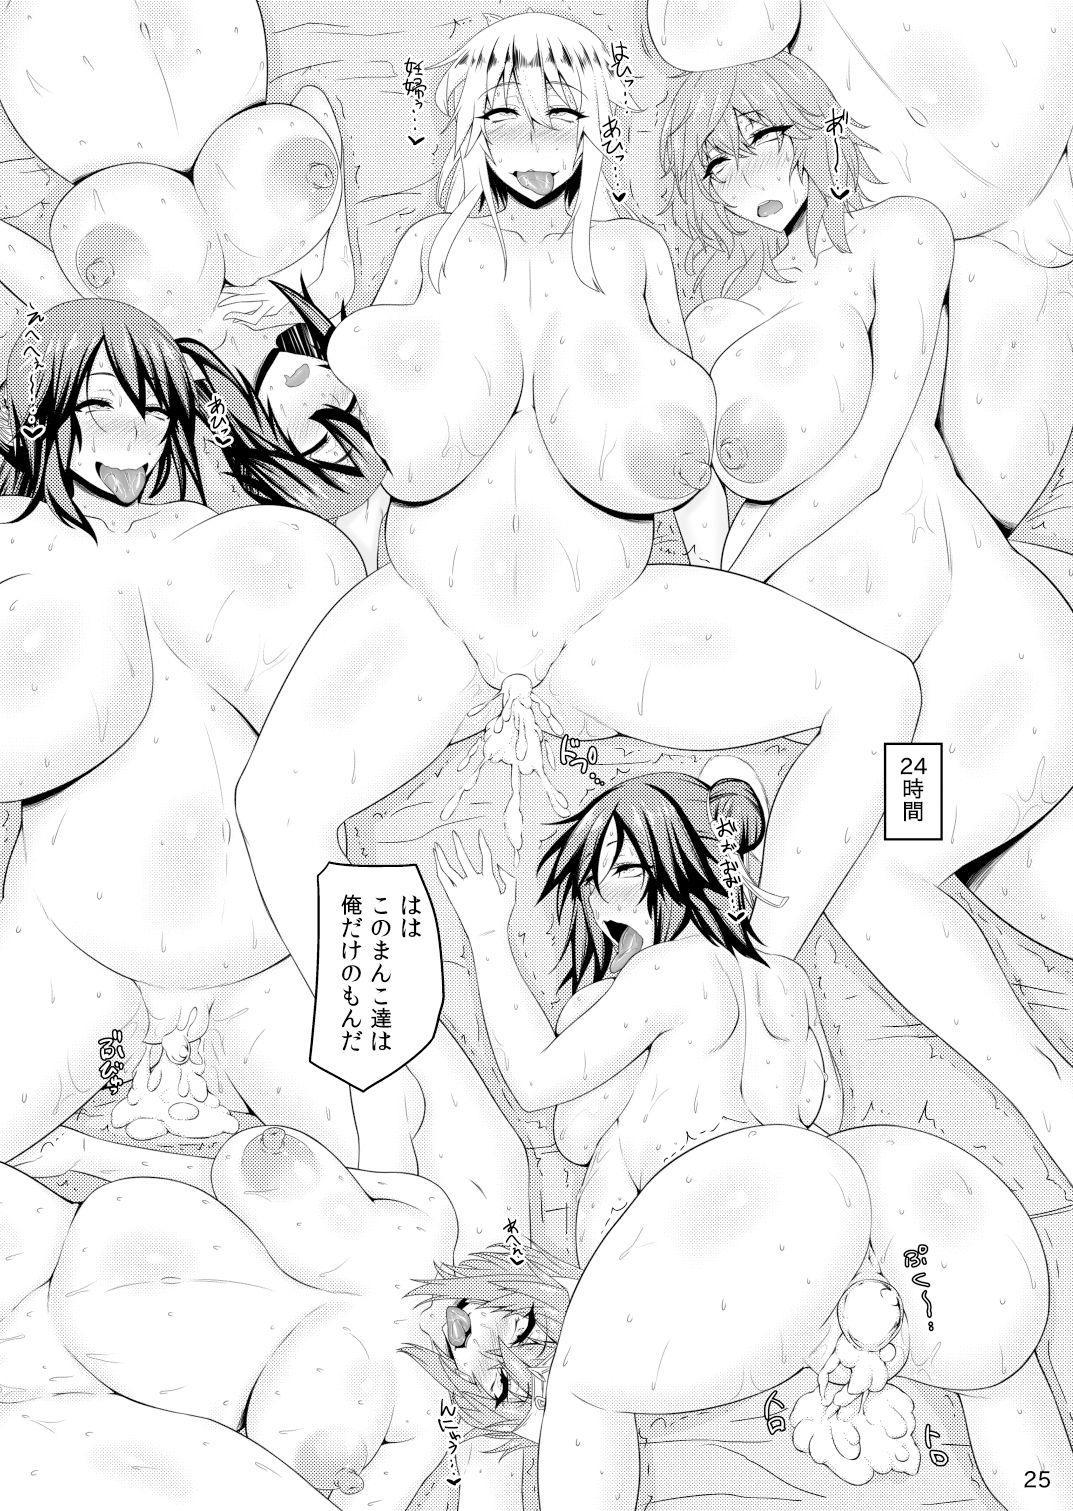 Muchimuchi Sangoku Musume Hatsujouchuu! 23